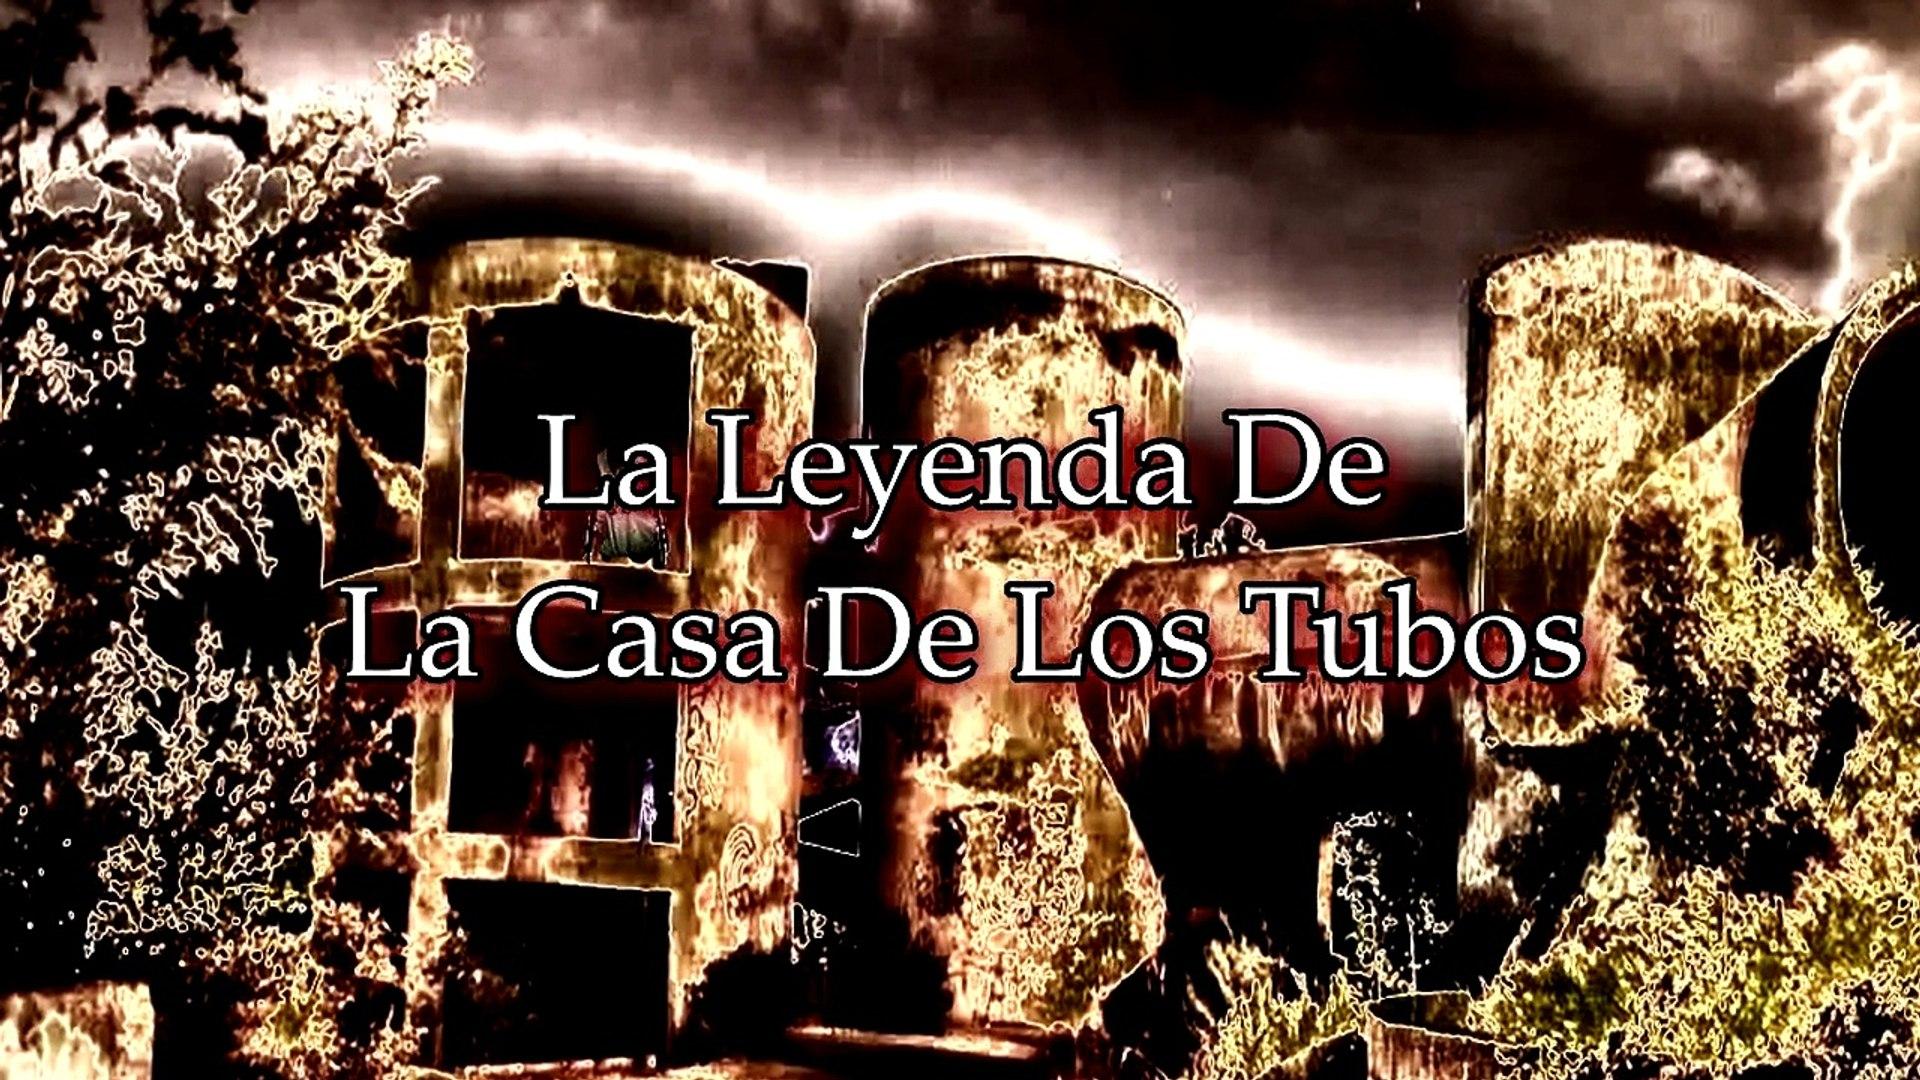 La Leyenda De La Casa De Los Tubos